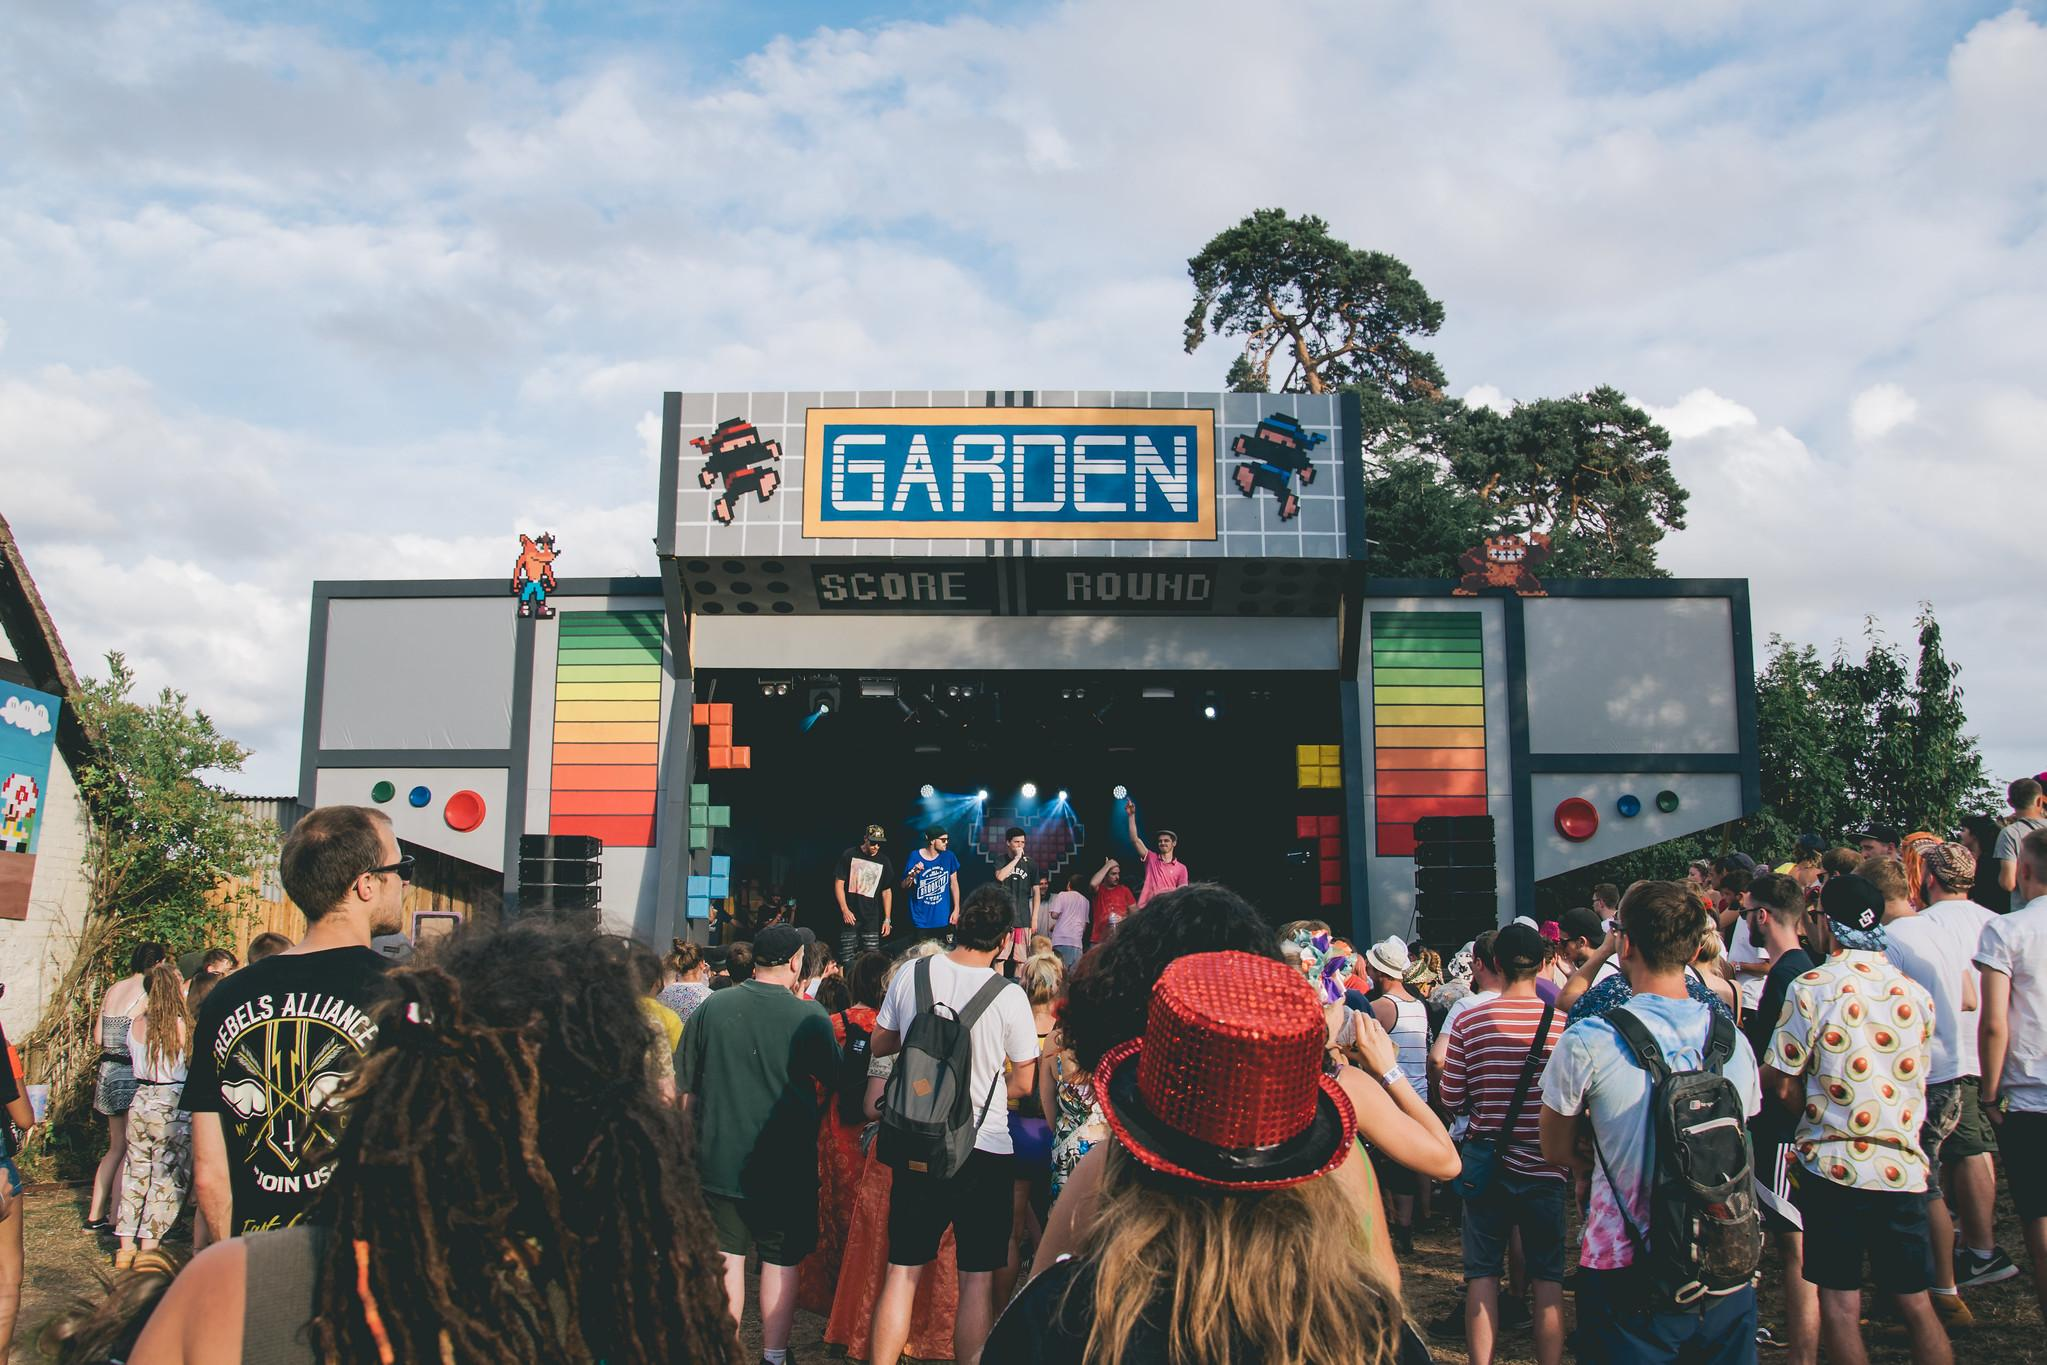 Garden stage image